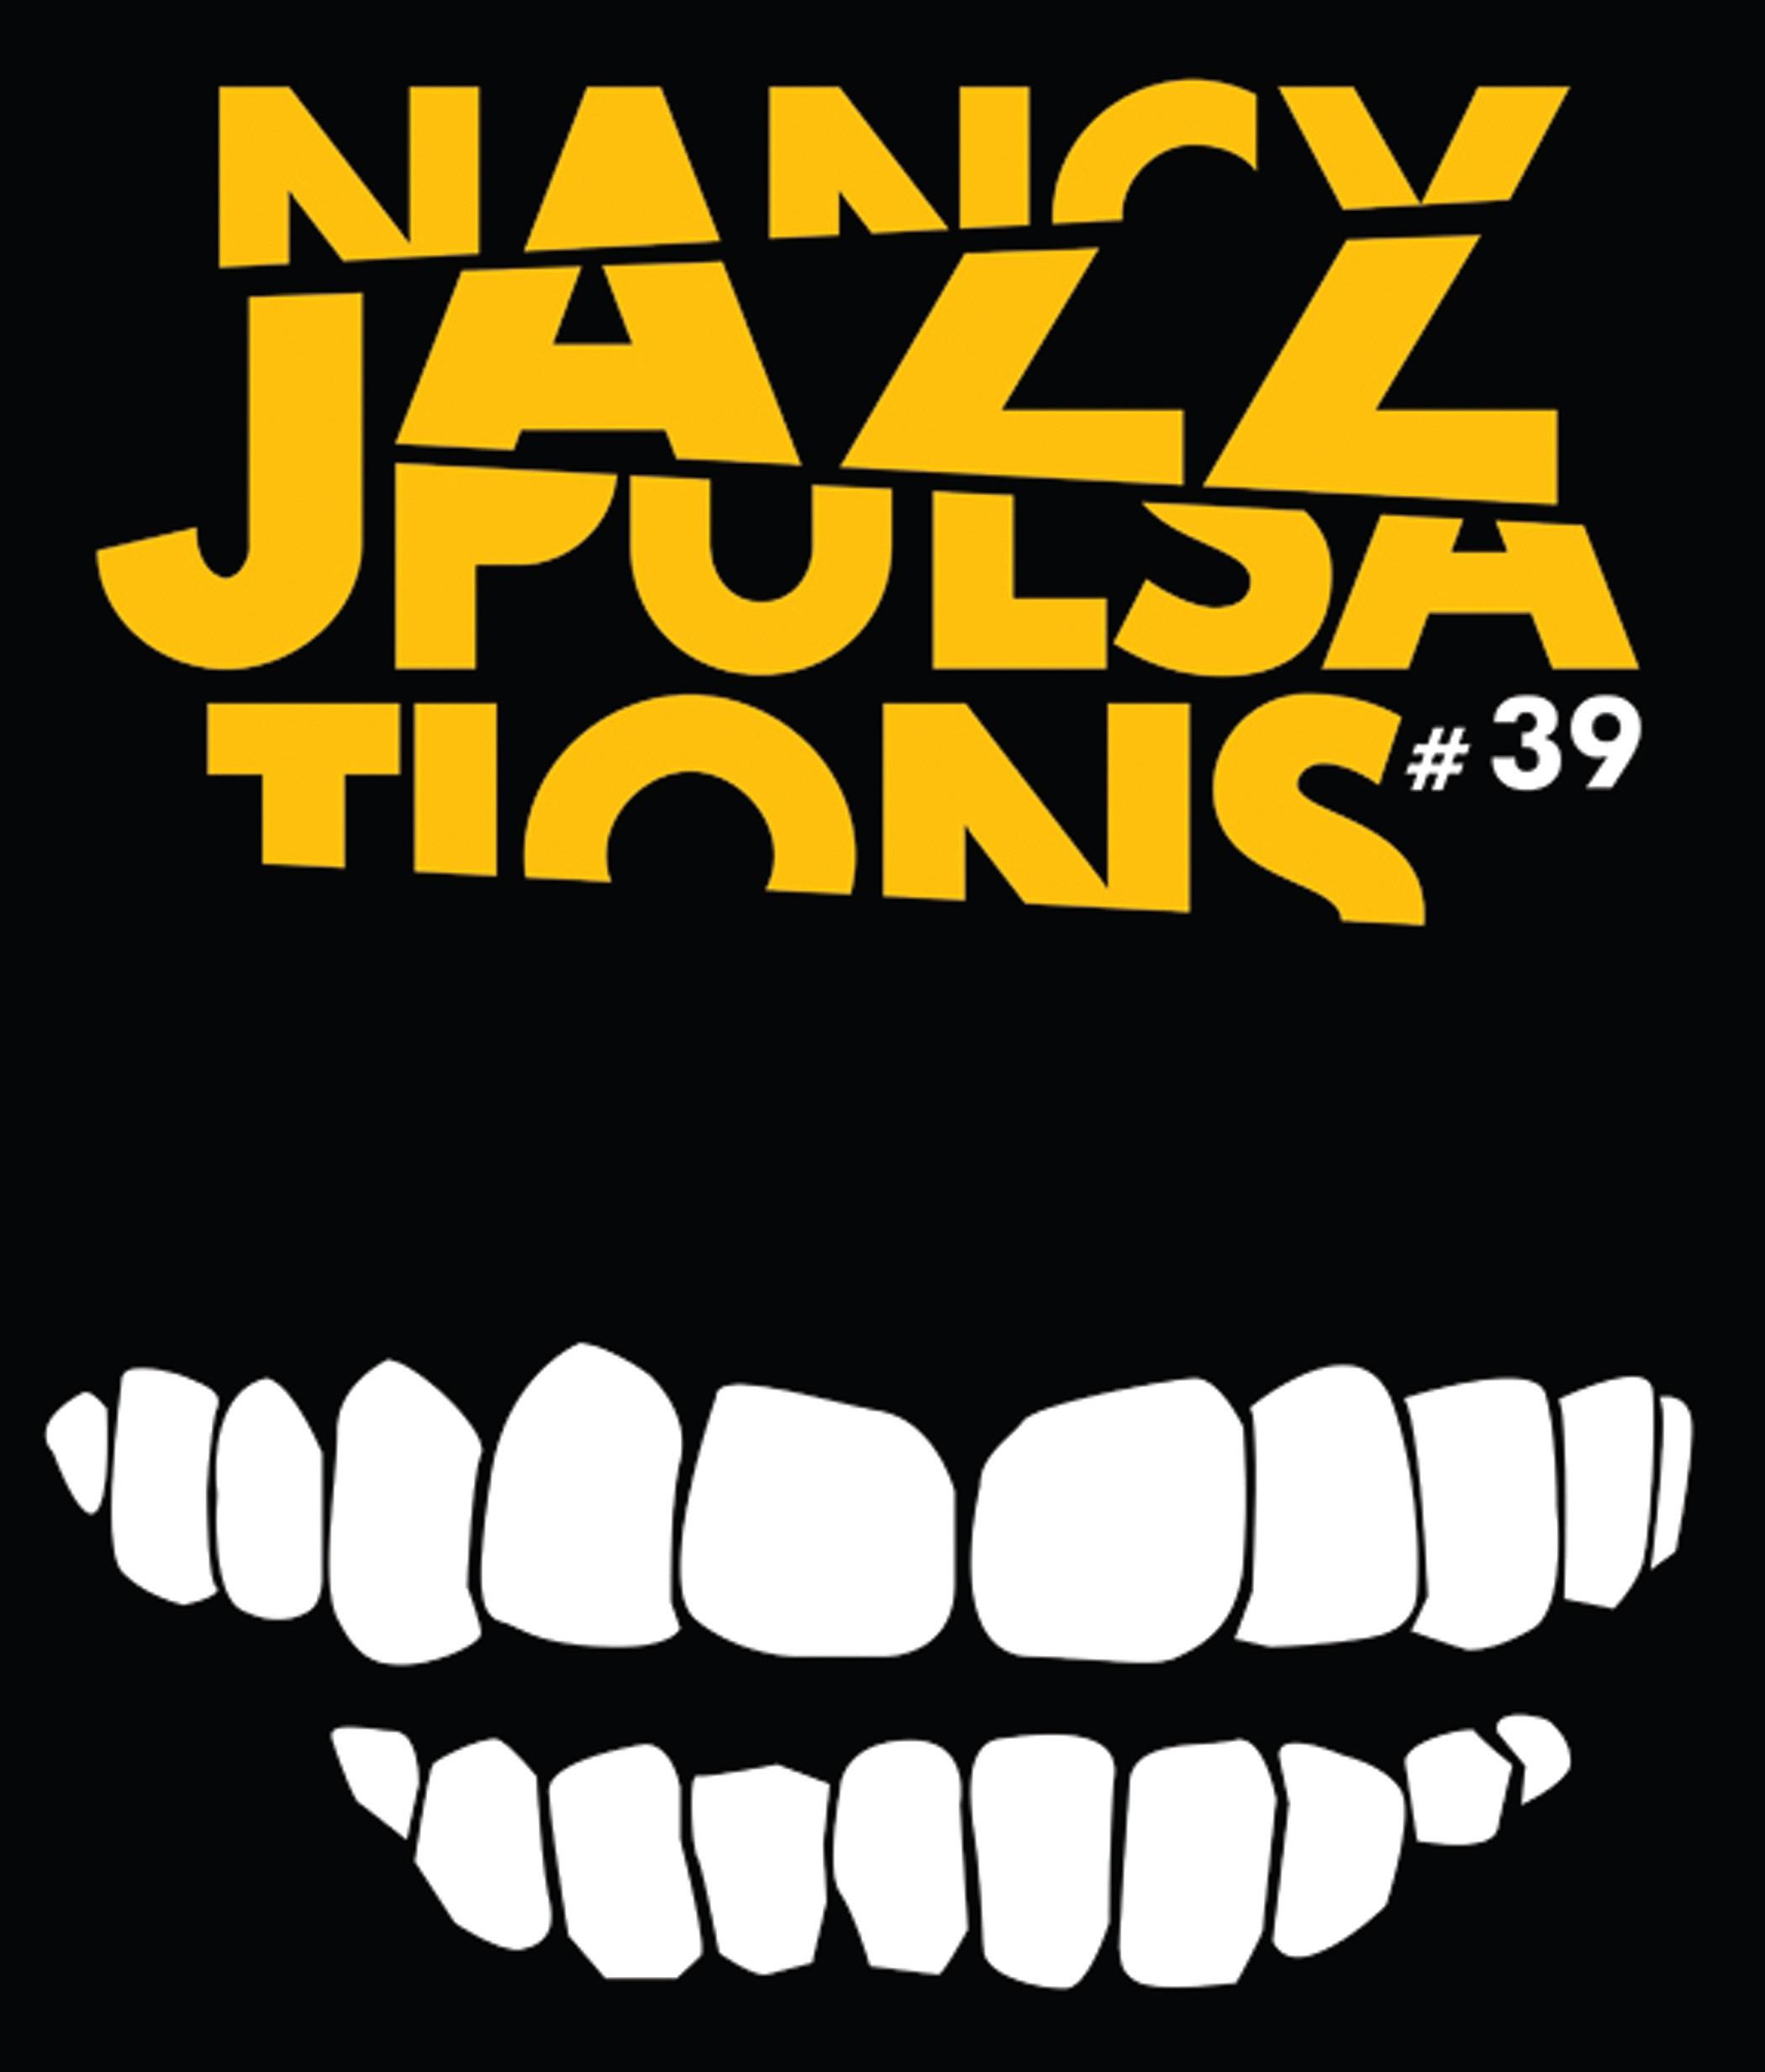 Du 10 au 20 octobre 2012, c'est reparti pour la 39ème édition du Nancy Jazz Pulsations.